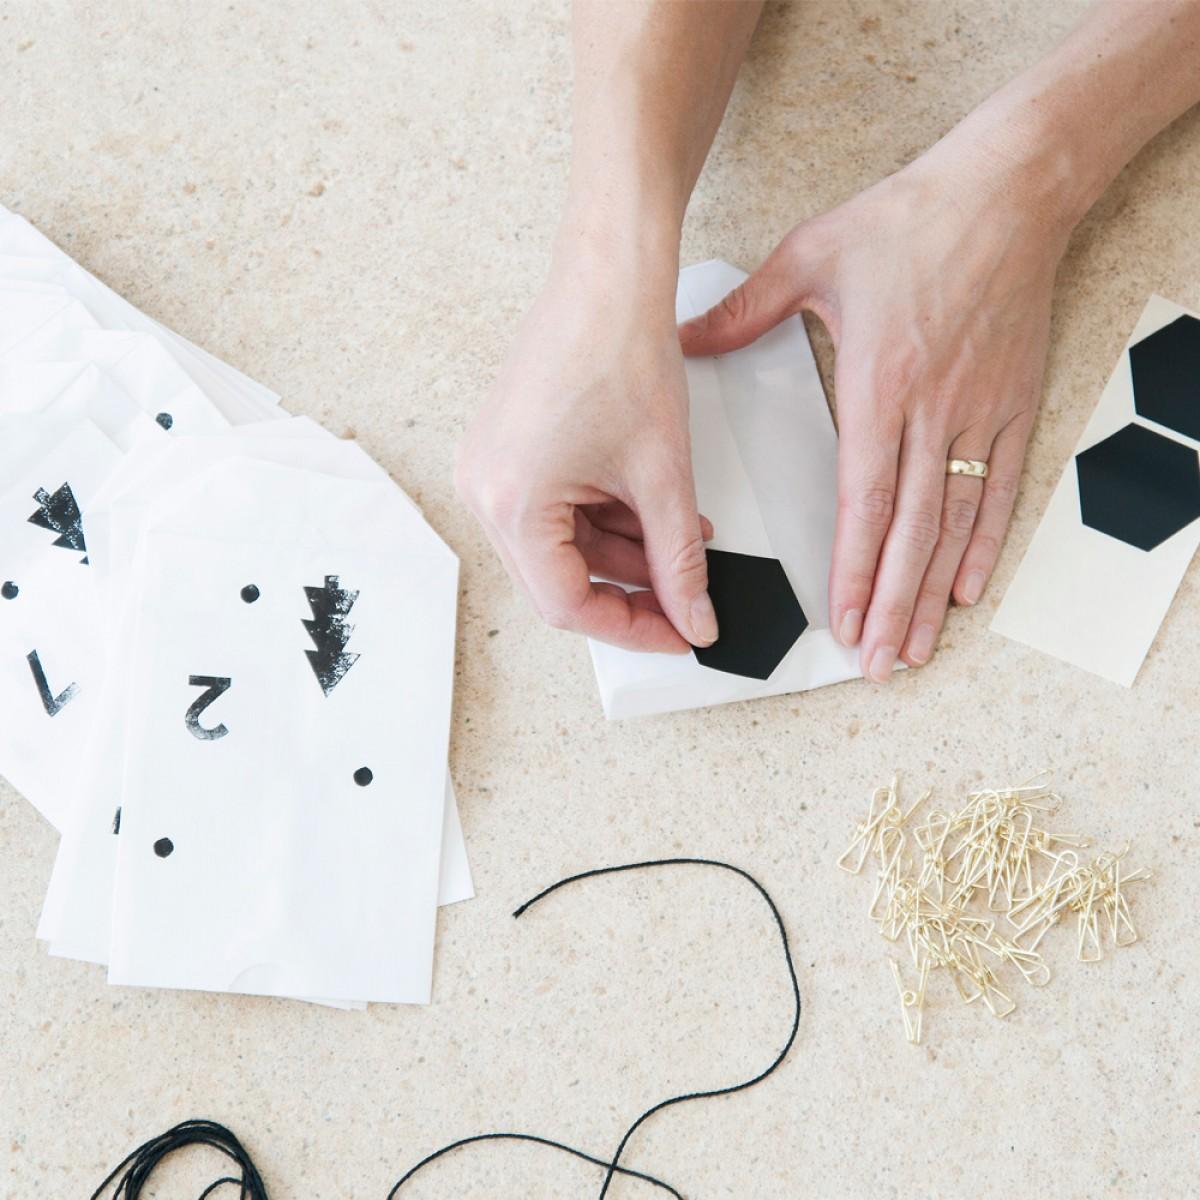 tinyday adventskalender aus papier bestempelt zum aufh ngen. Black Bedroom Furniture Sets. Home Design Ideas